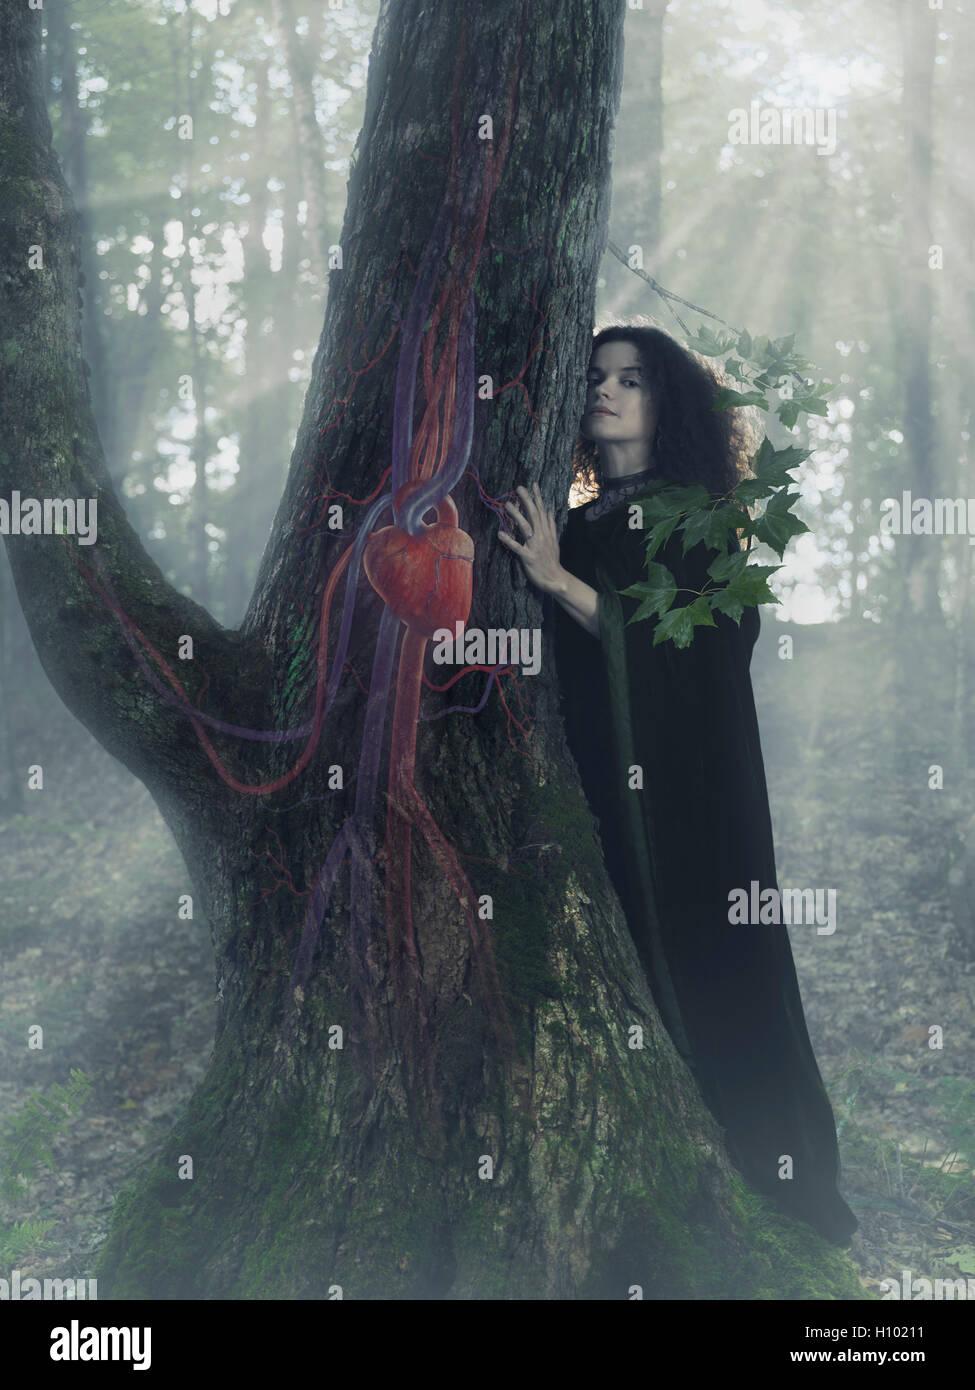 Femme druide dans la forêt à l'écoute de la pulsation d'un arbre conceptuel, artistique photo Photo Stock